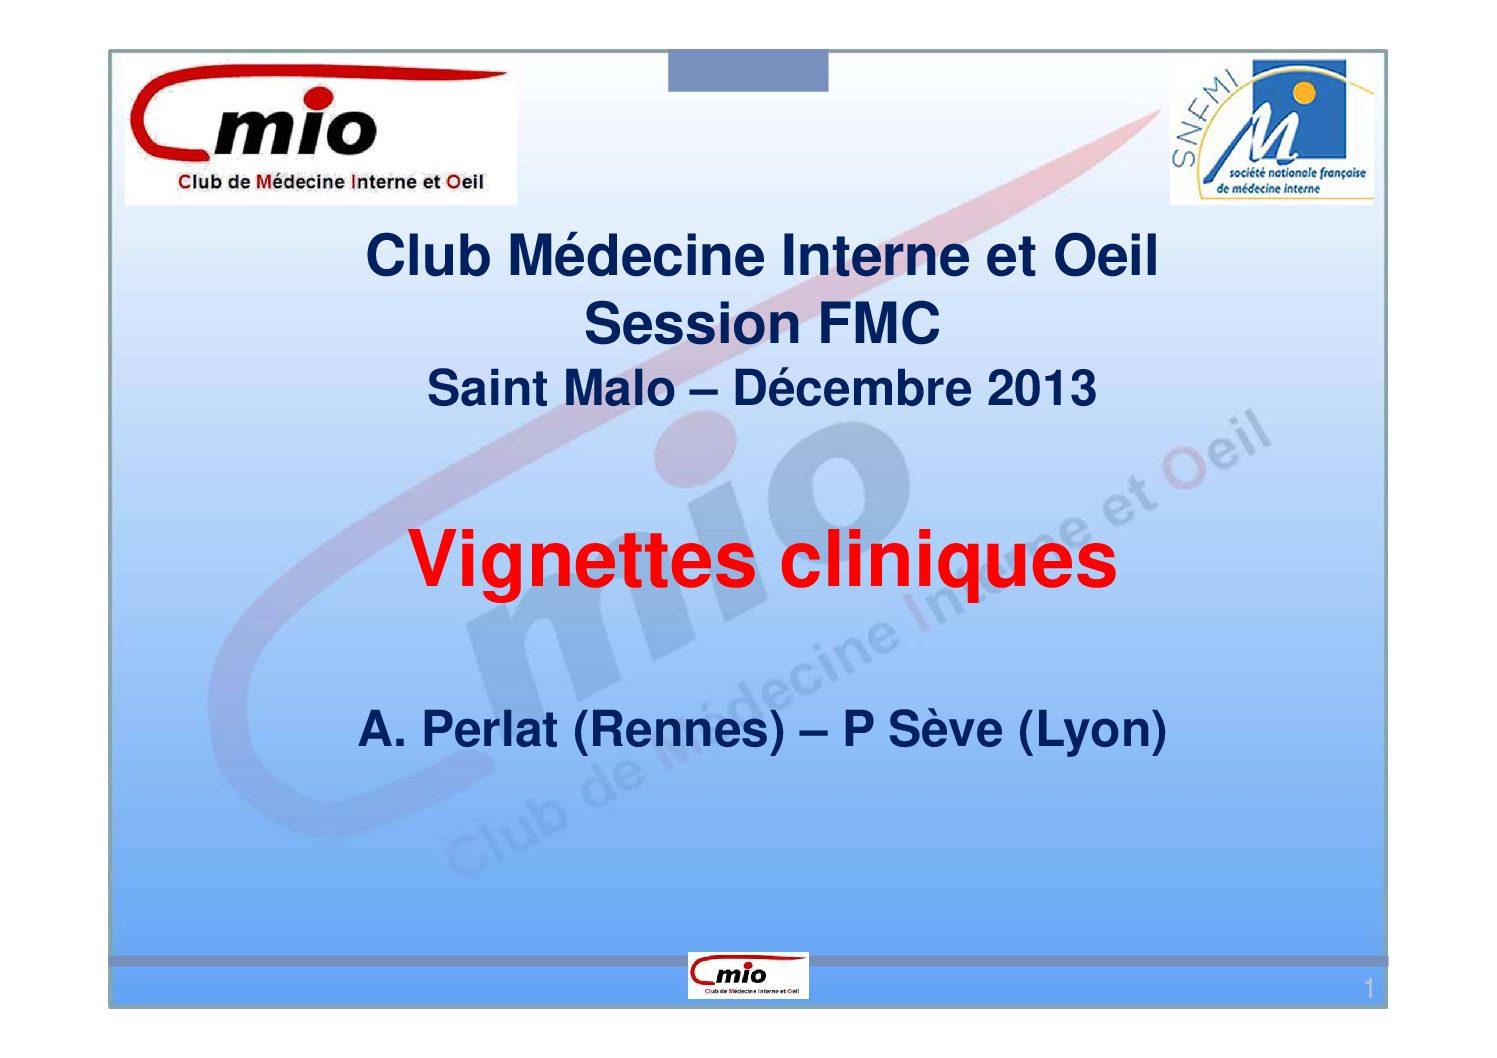 Vignettes cliniques